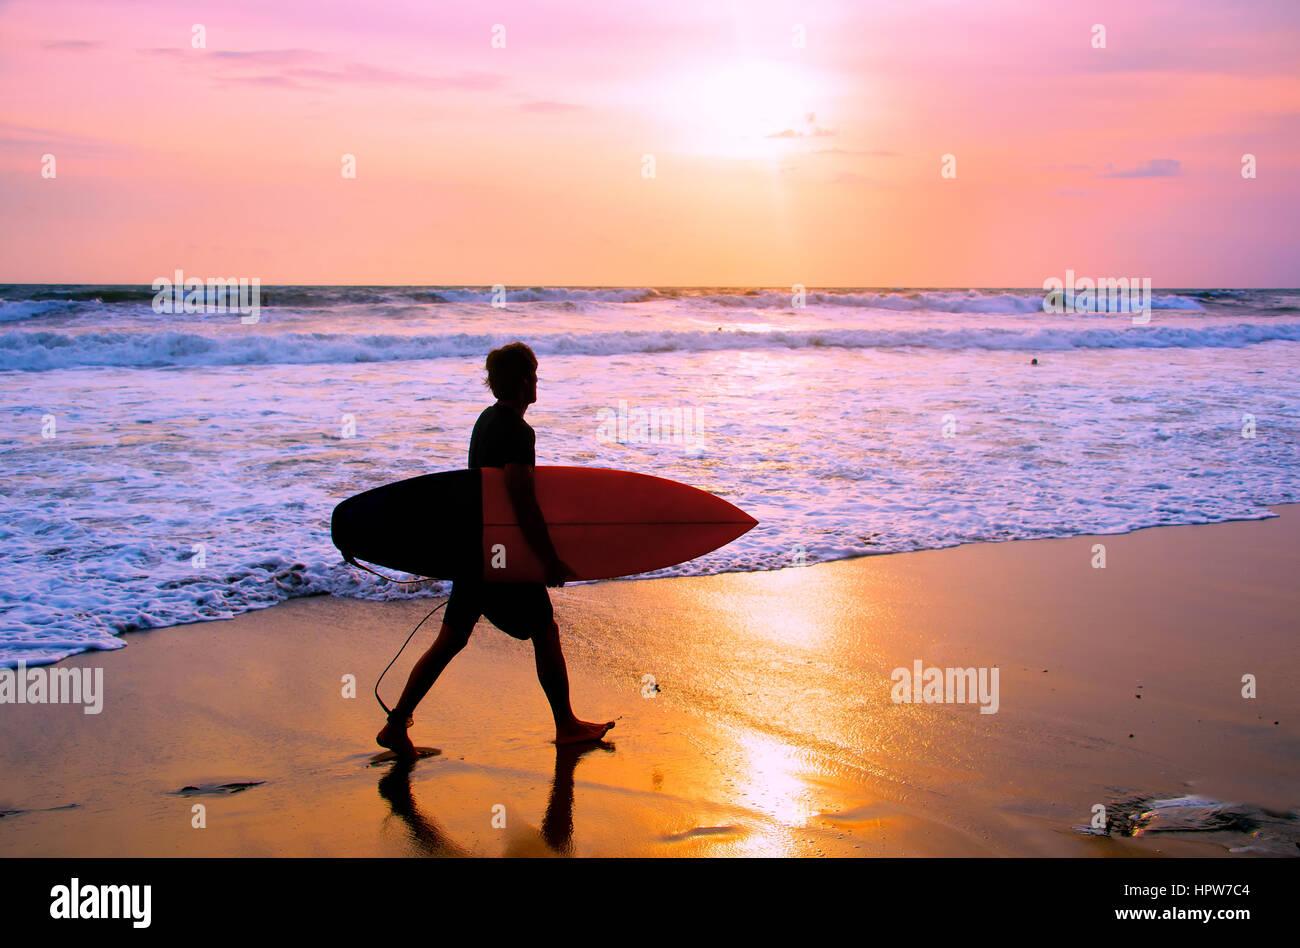 Surf surfer avec la marche sur la plage au coucher du soleil. L'île de Bali, IndonésieBanque D'Images